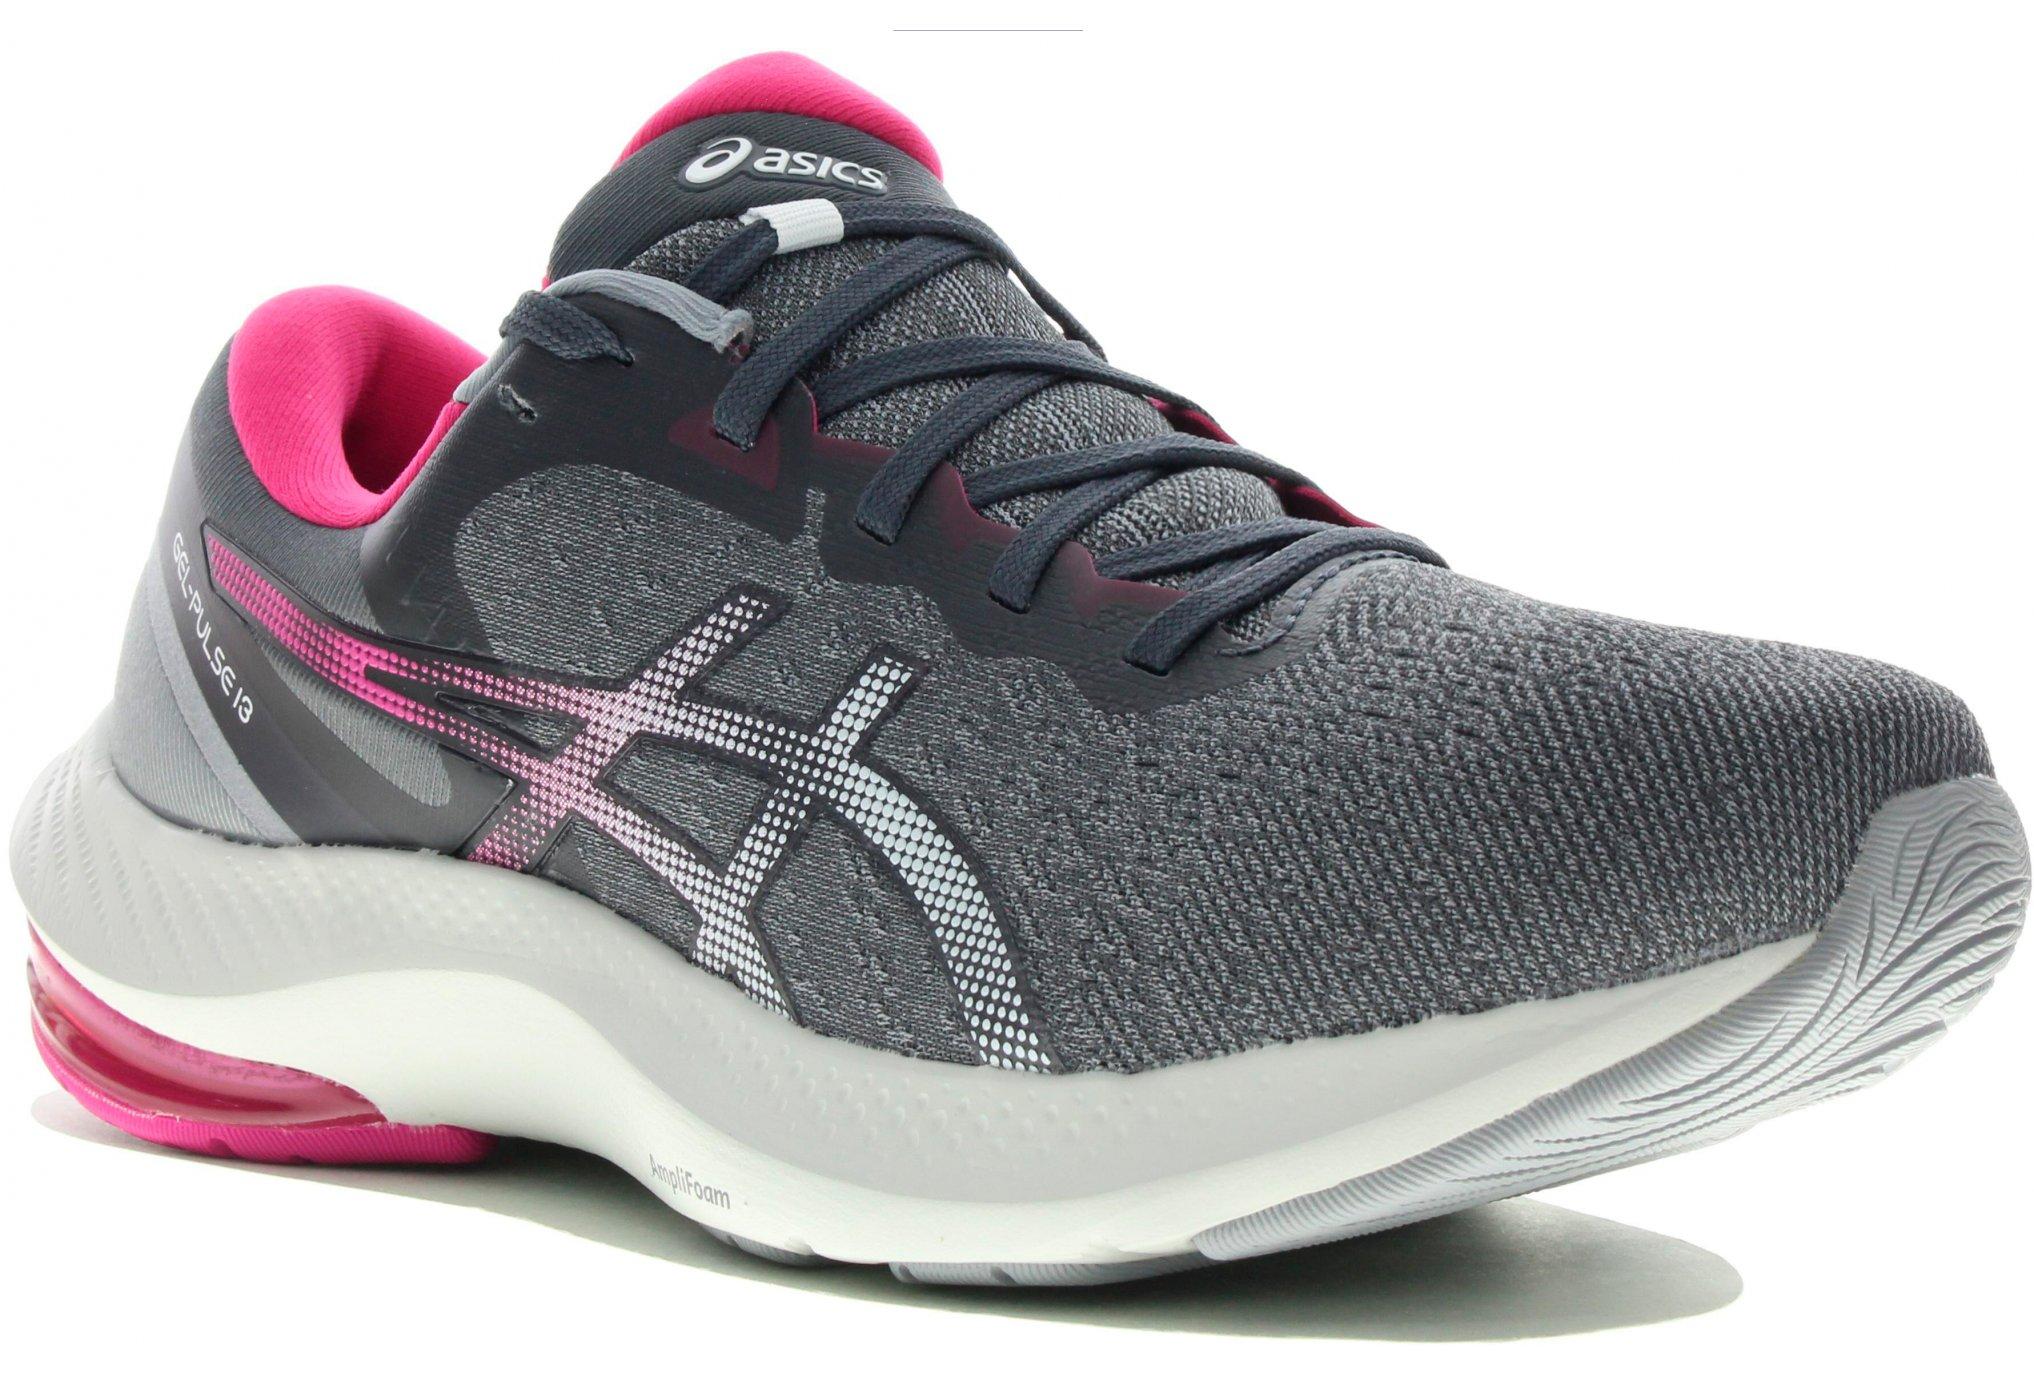 Asics Gel-Pulse 13 W Chaussures running femme